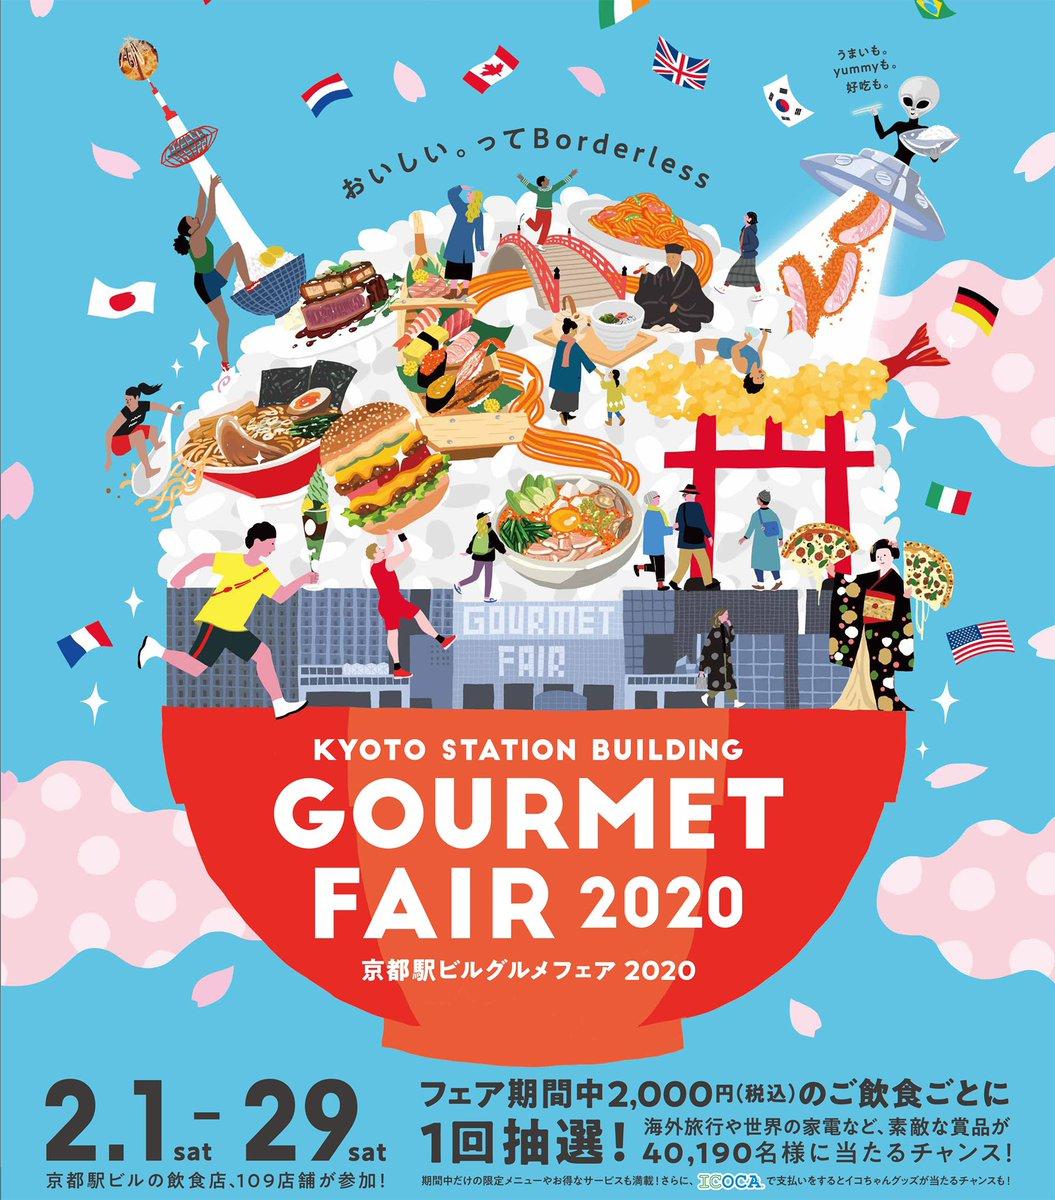 2/1より開催の「京都駅ビルグルメフェア」のビジュアルを、昨年に続き描かせていただきました。期間中、京都駅ビル内の飲食店109店舗が「限定メニュー」または「お得なメニュー」をご提供!毎年好評を博している抽選会では、海外旅行や世界の家電など、素敵な賞品も!